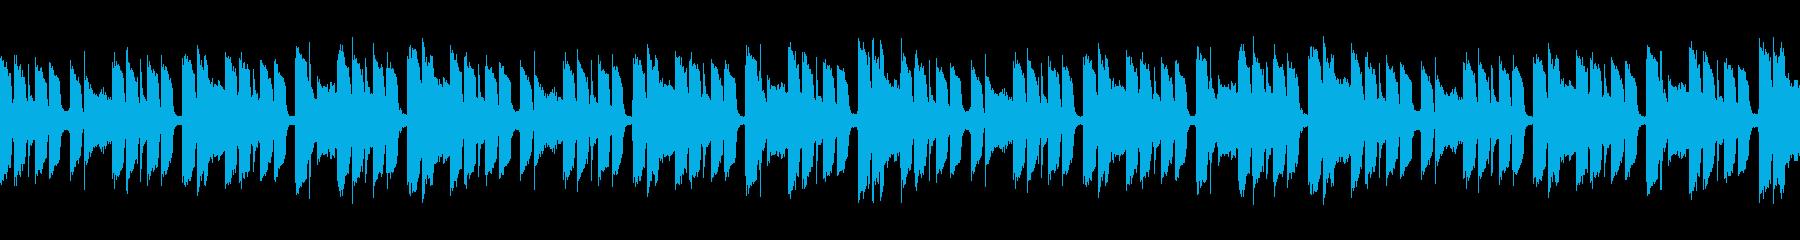 【エレピ】悲しげ メロなし【ピアノ】の再生済みの波形